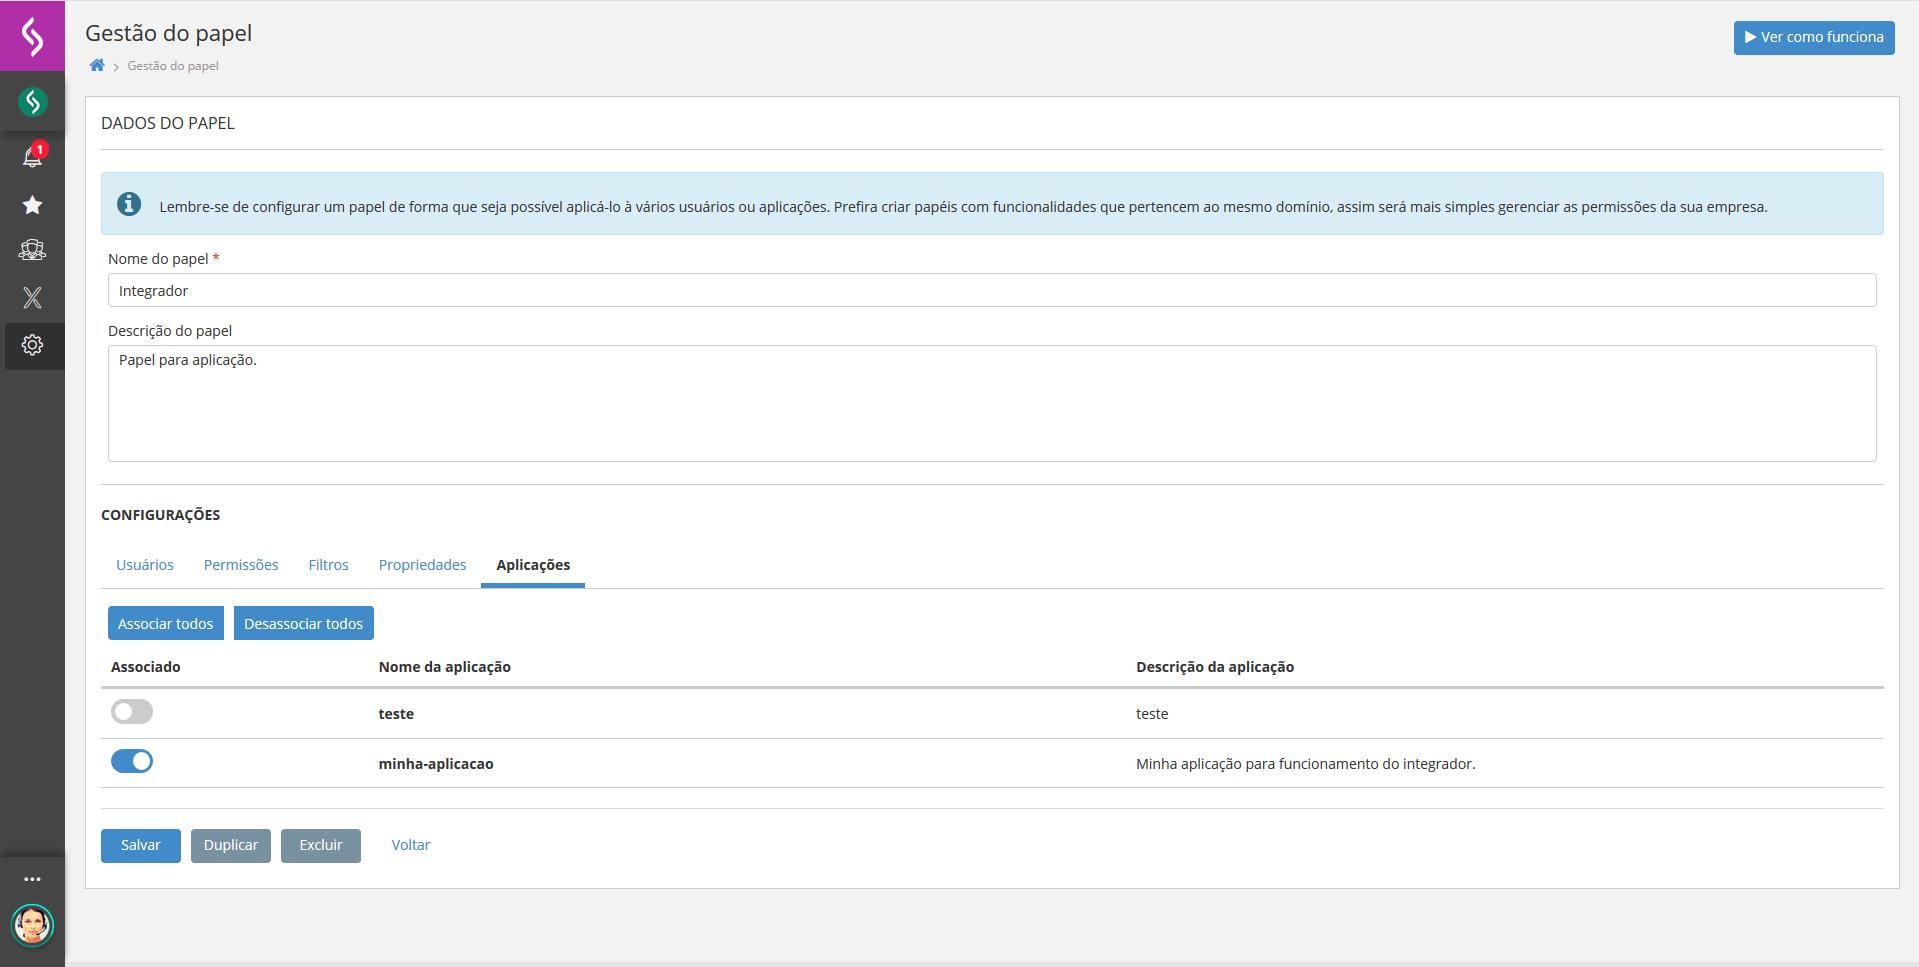 Imagem mostrando a plataforma x aberta com a tela de gestão de papéis exibindo a aplicação.